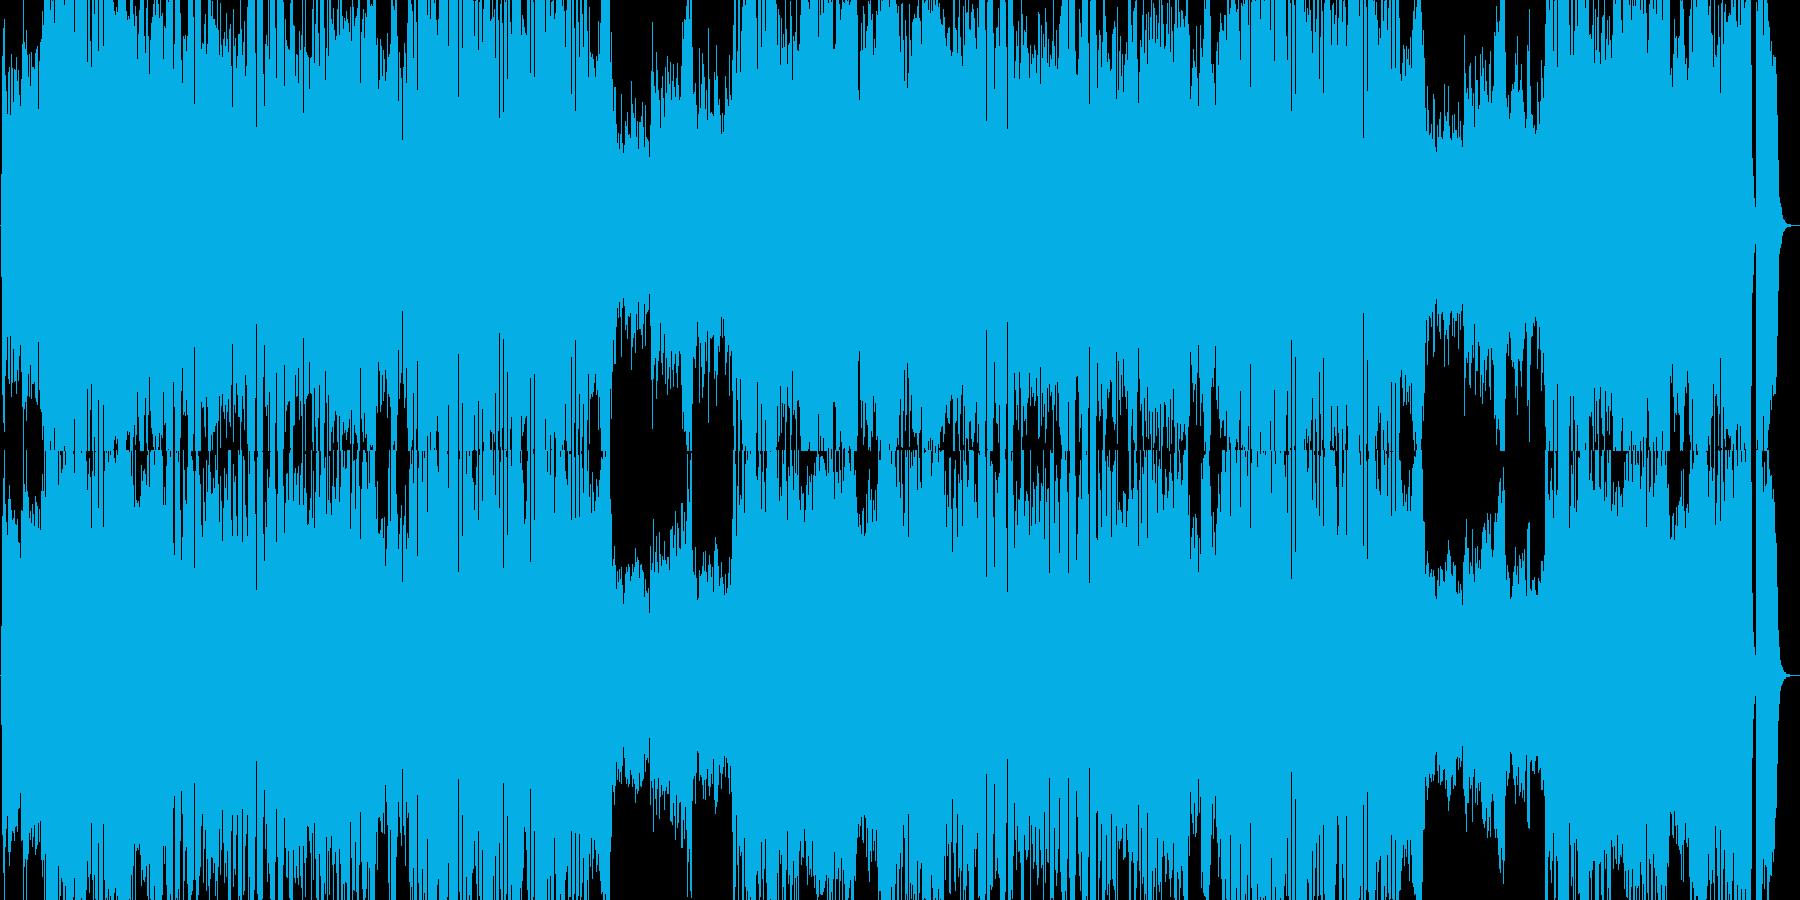 ドラマチックなオーケストラの戦闘曲の再生済みの波形